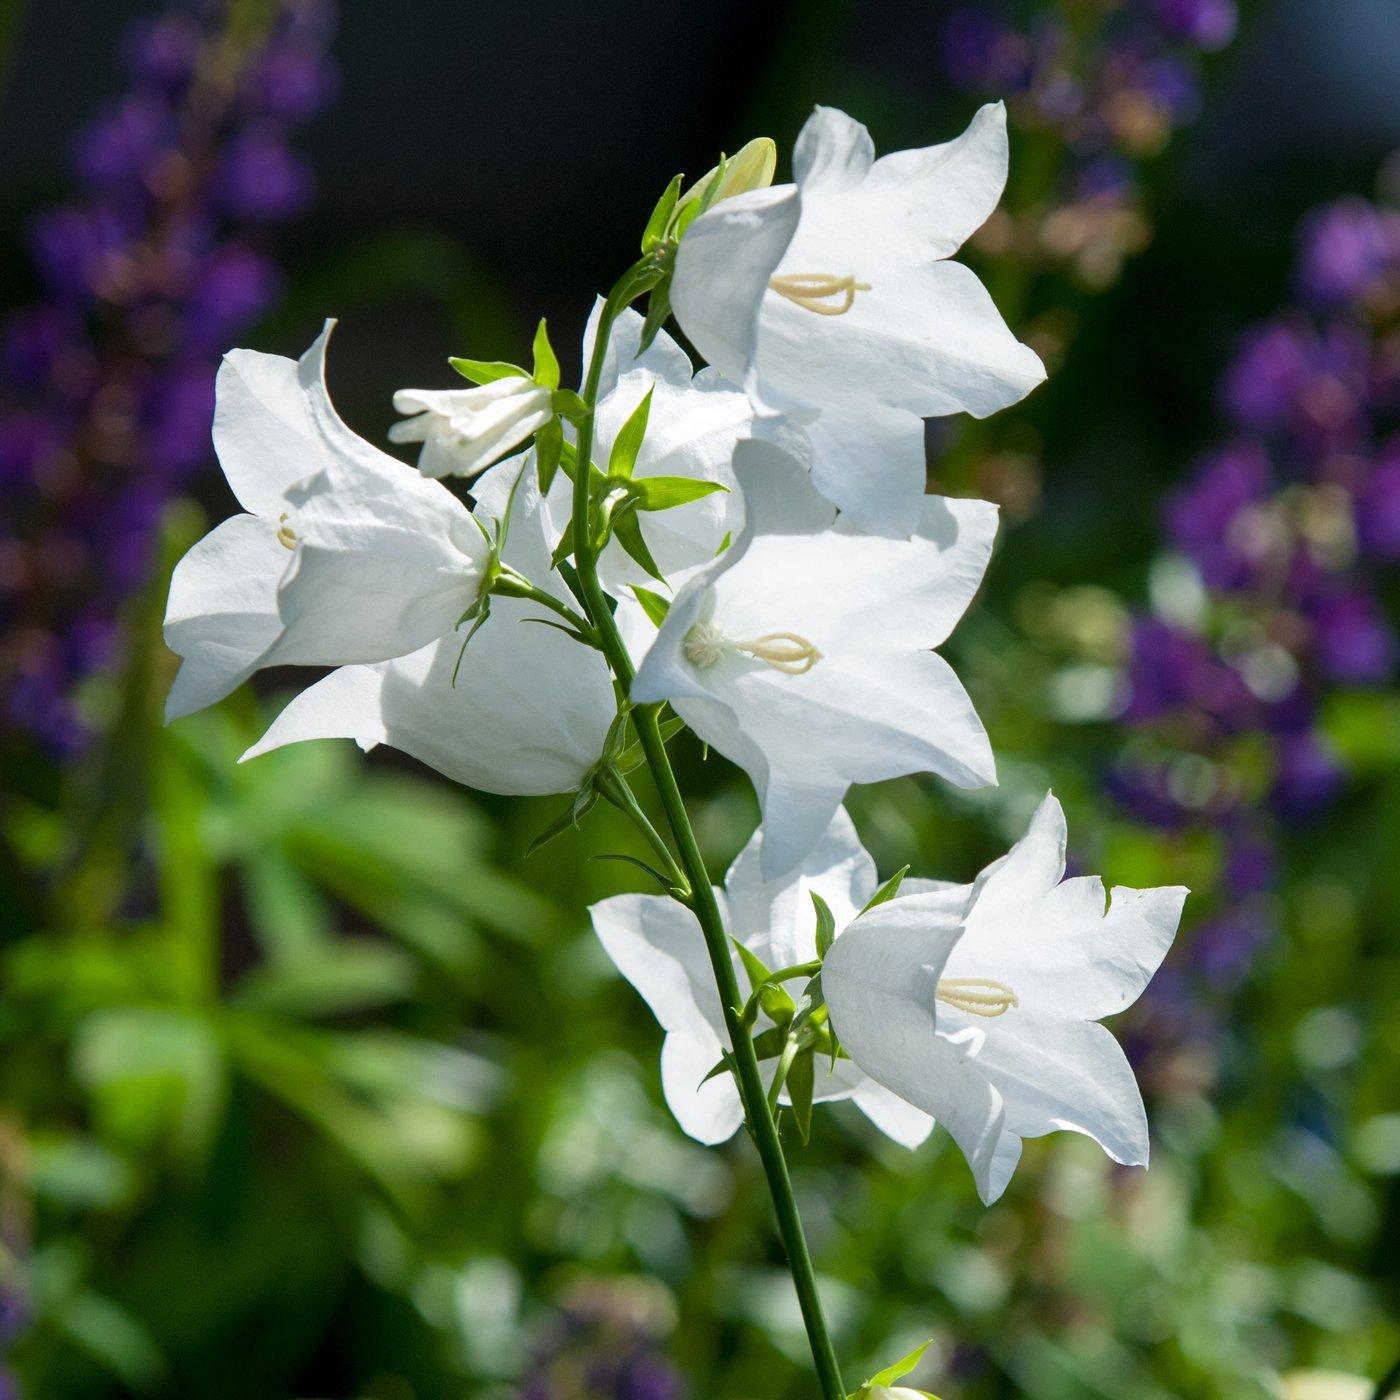 Free Photo Bell Flower Garden Nature Fresh Free Download Jooinn